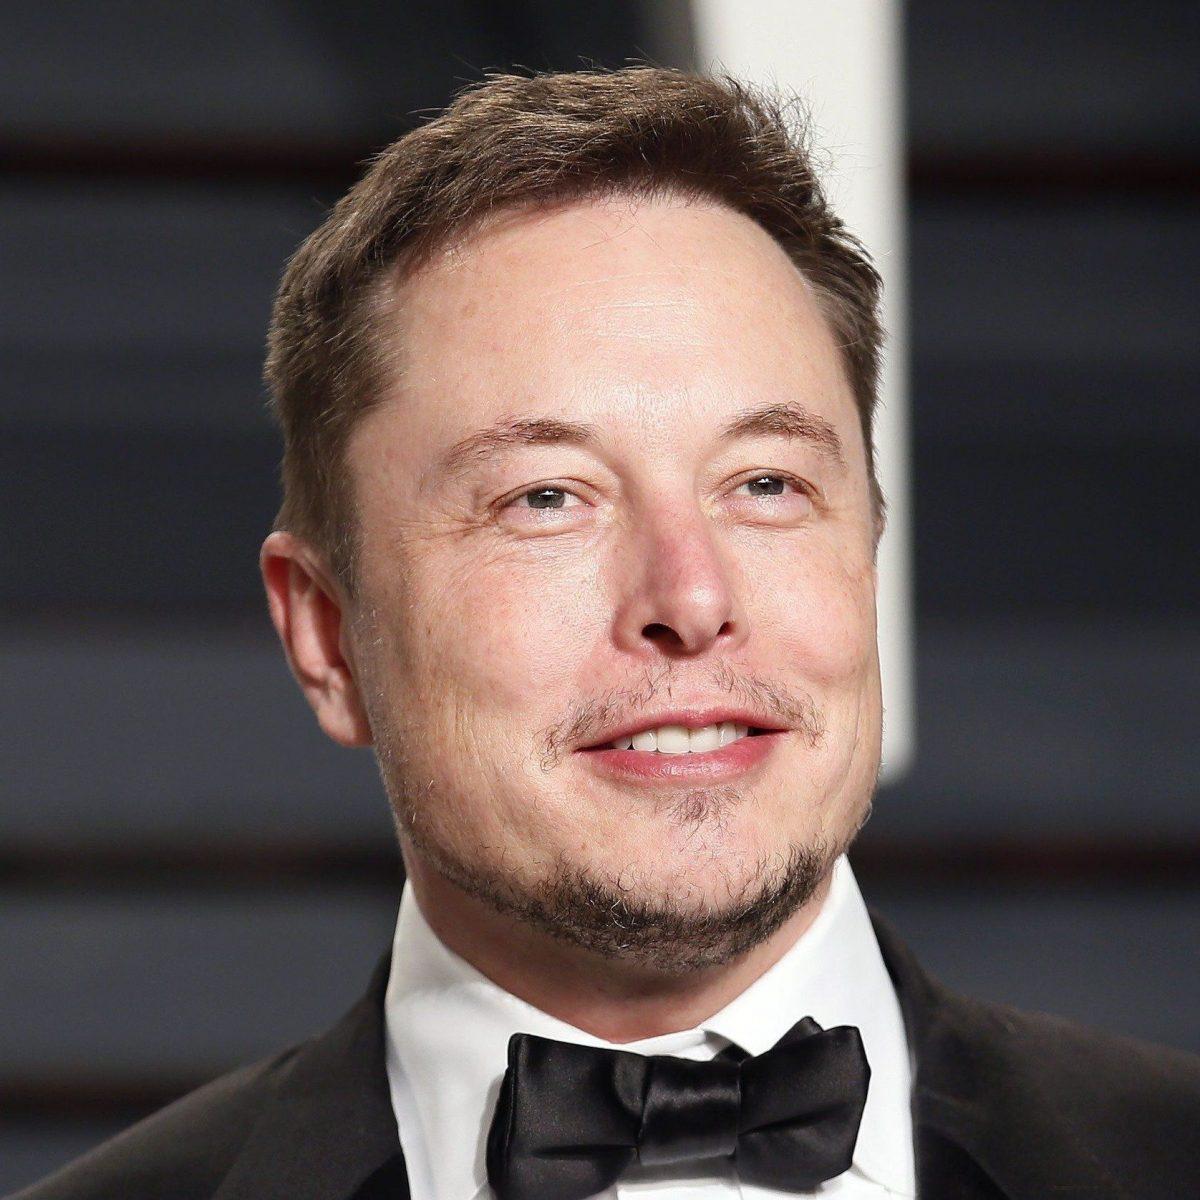 Илон Маск задумался о создании нового электромобиля Tesla